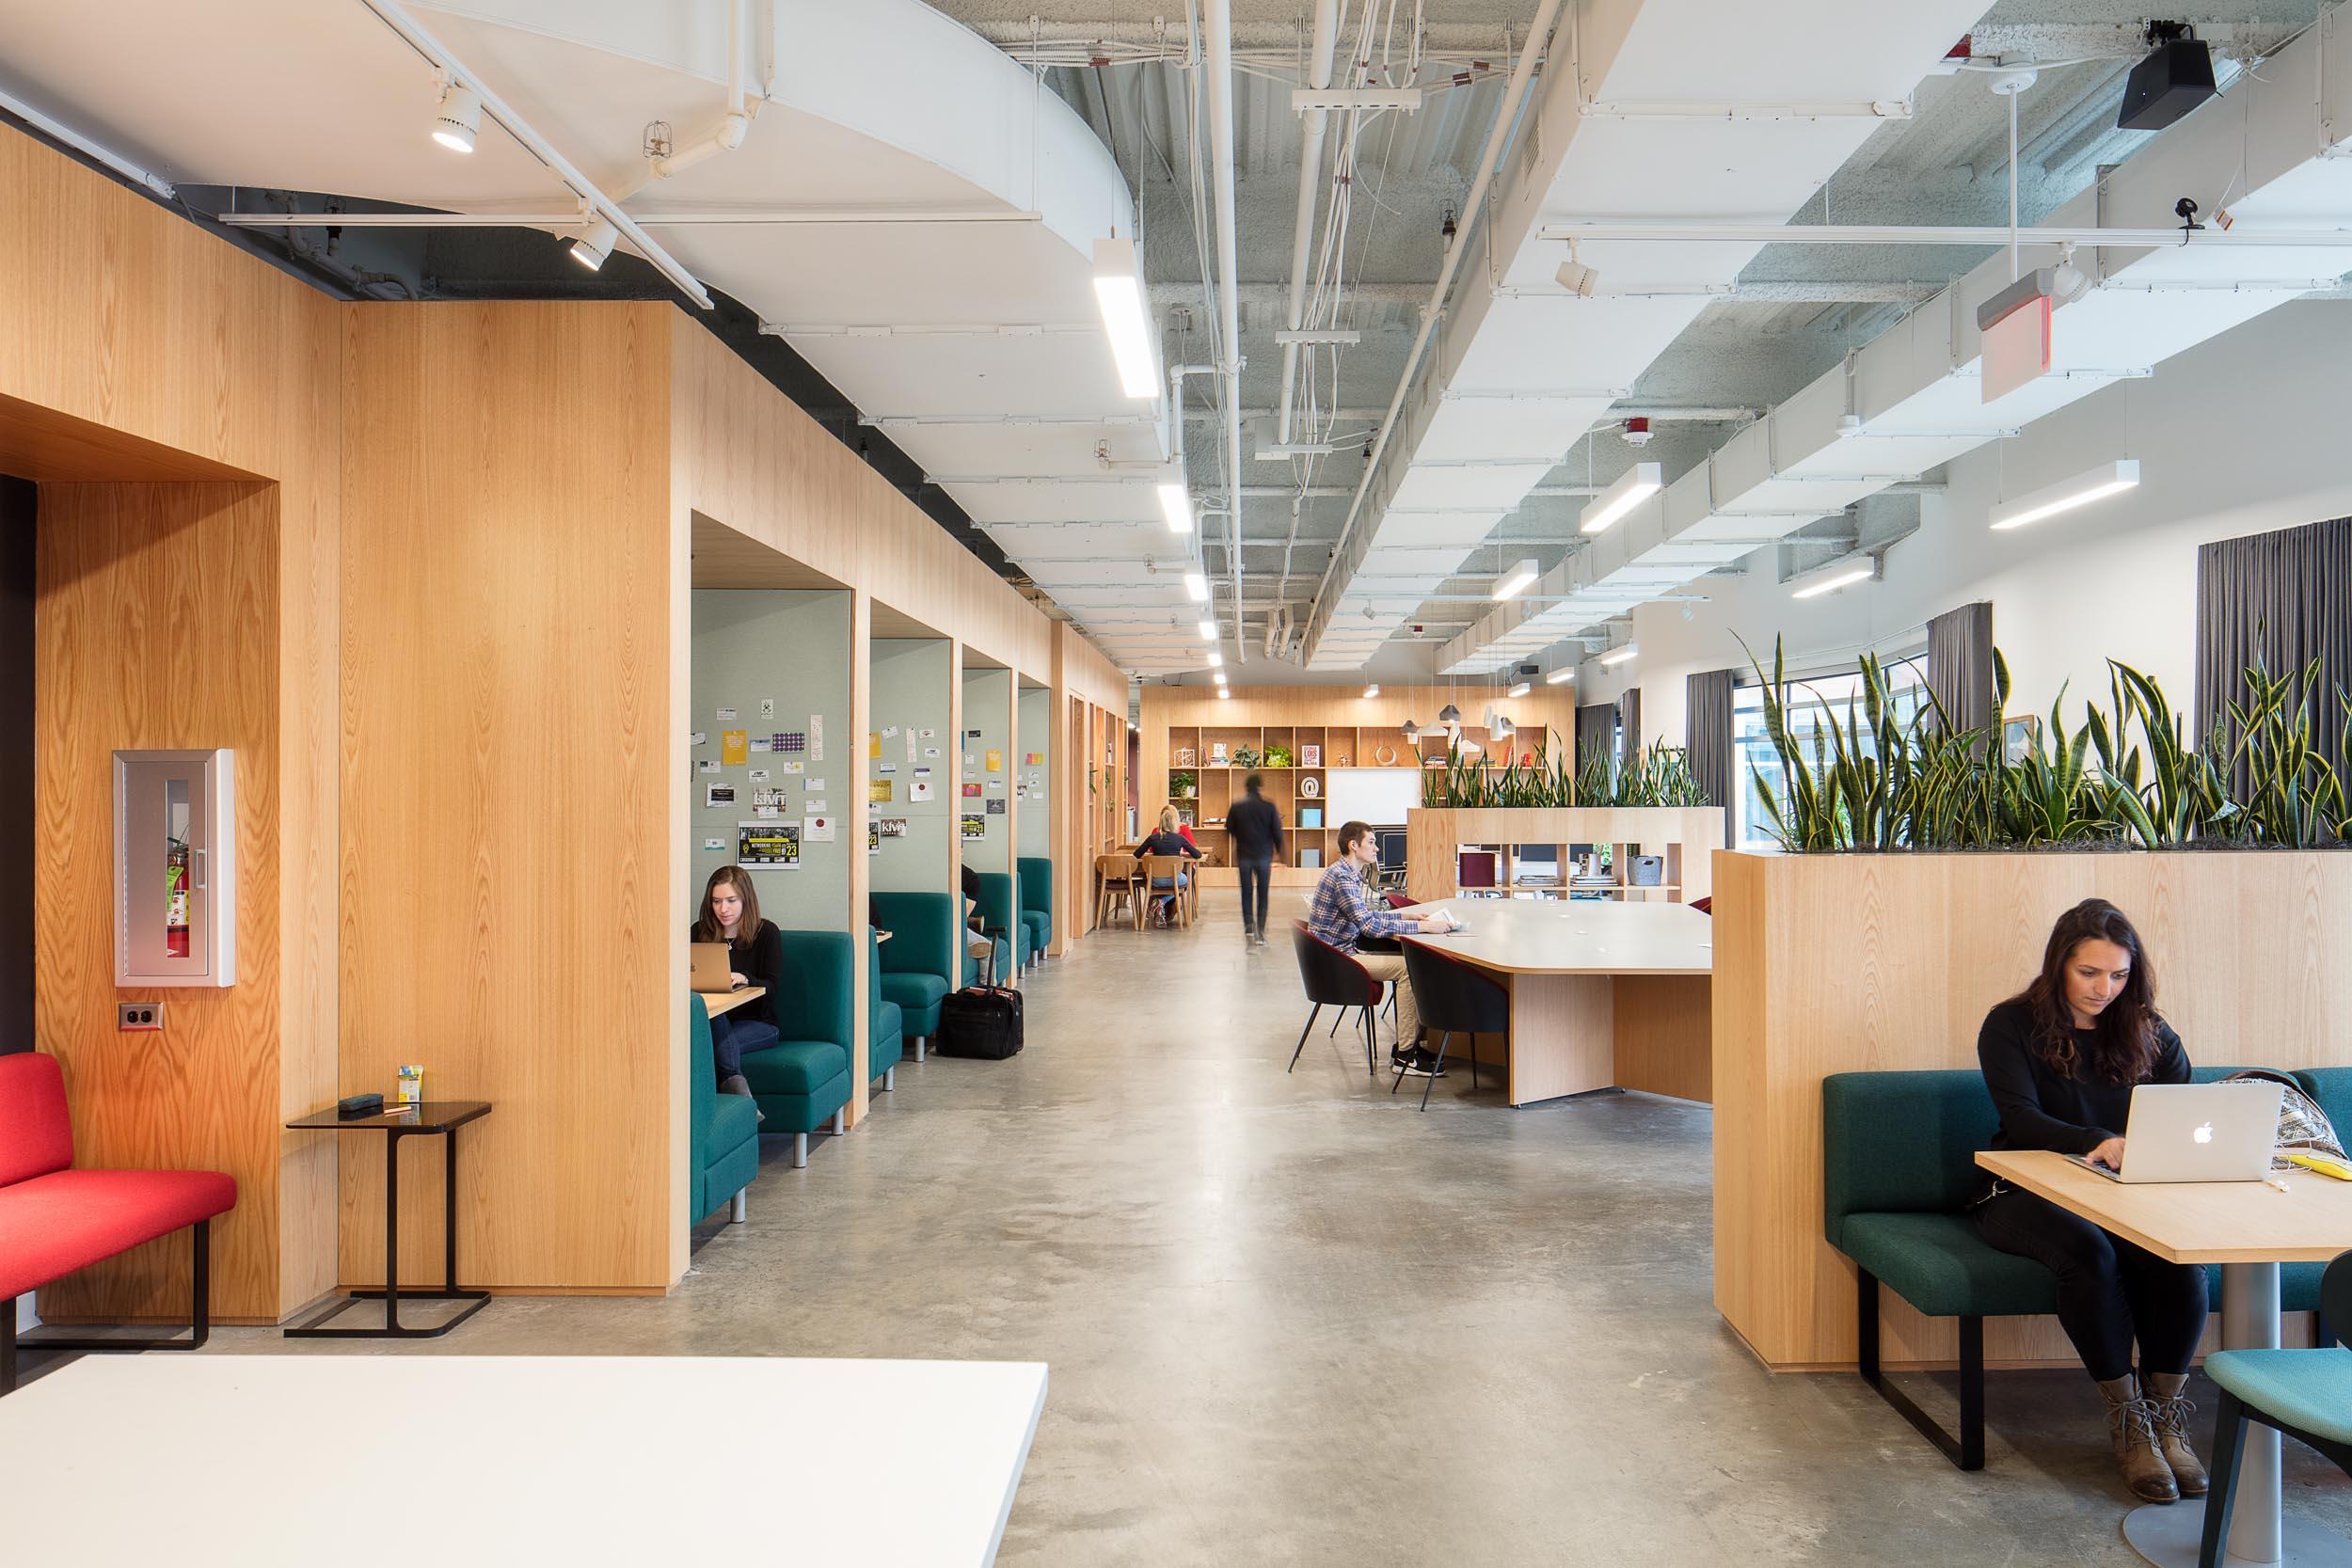 regus_spaces_office_workplace_coworking-6.jpg